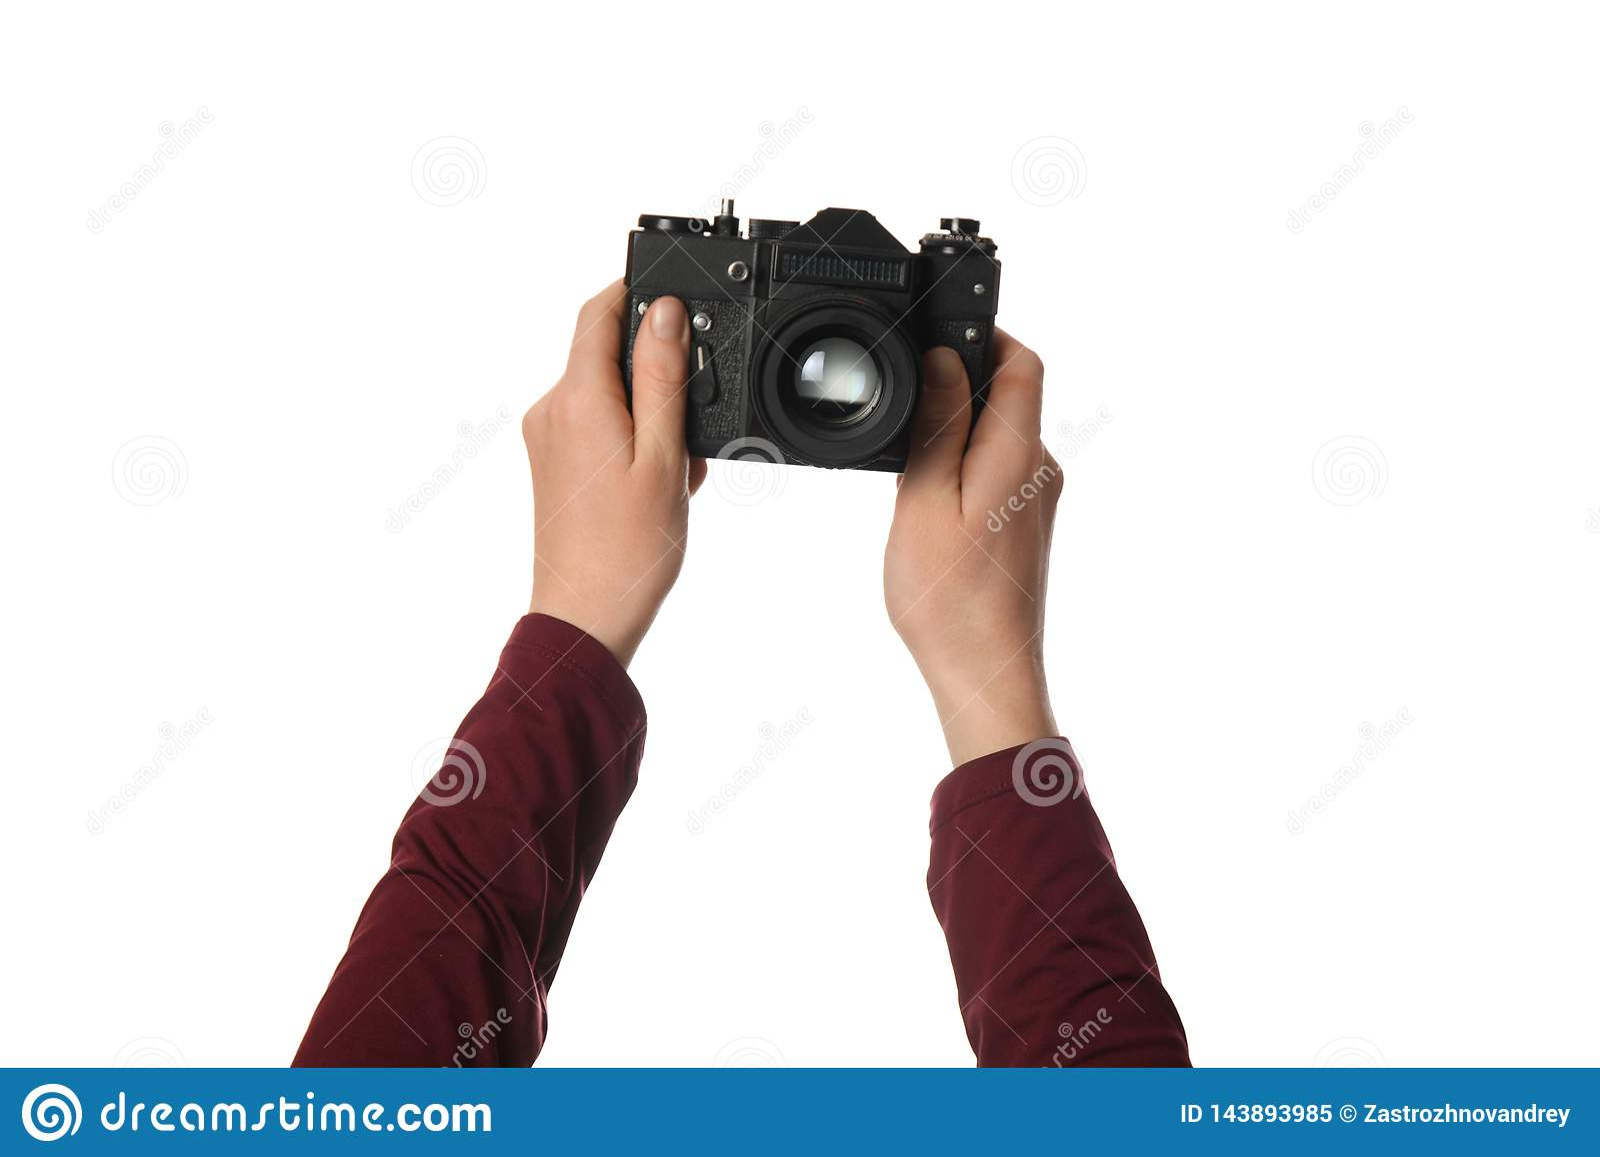 Weinlesekamera in der Hand lokalisiert auf wei?em Hintergrund E